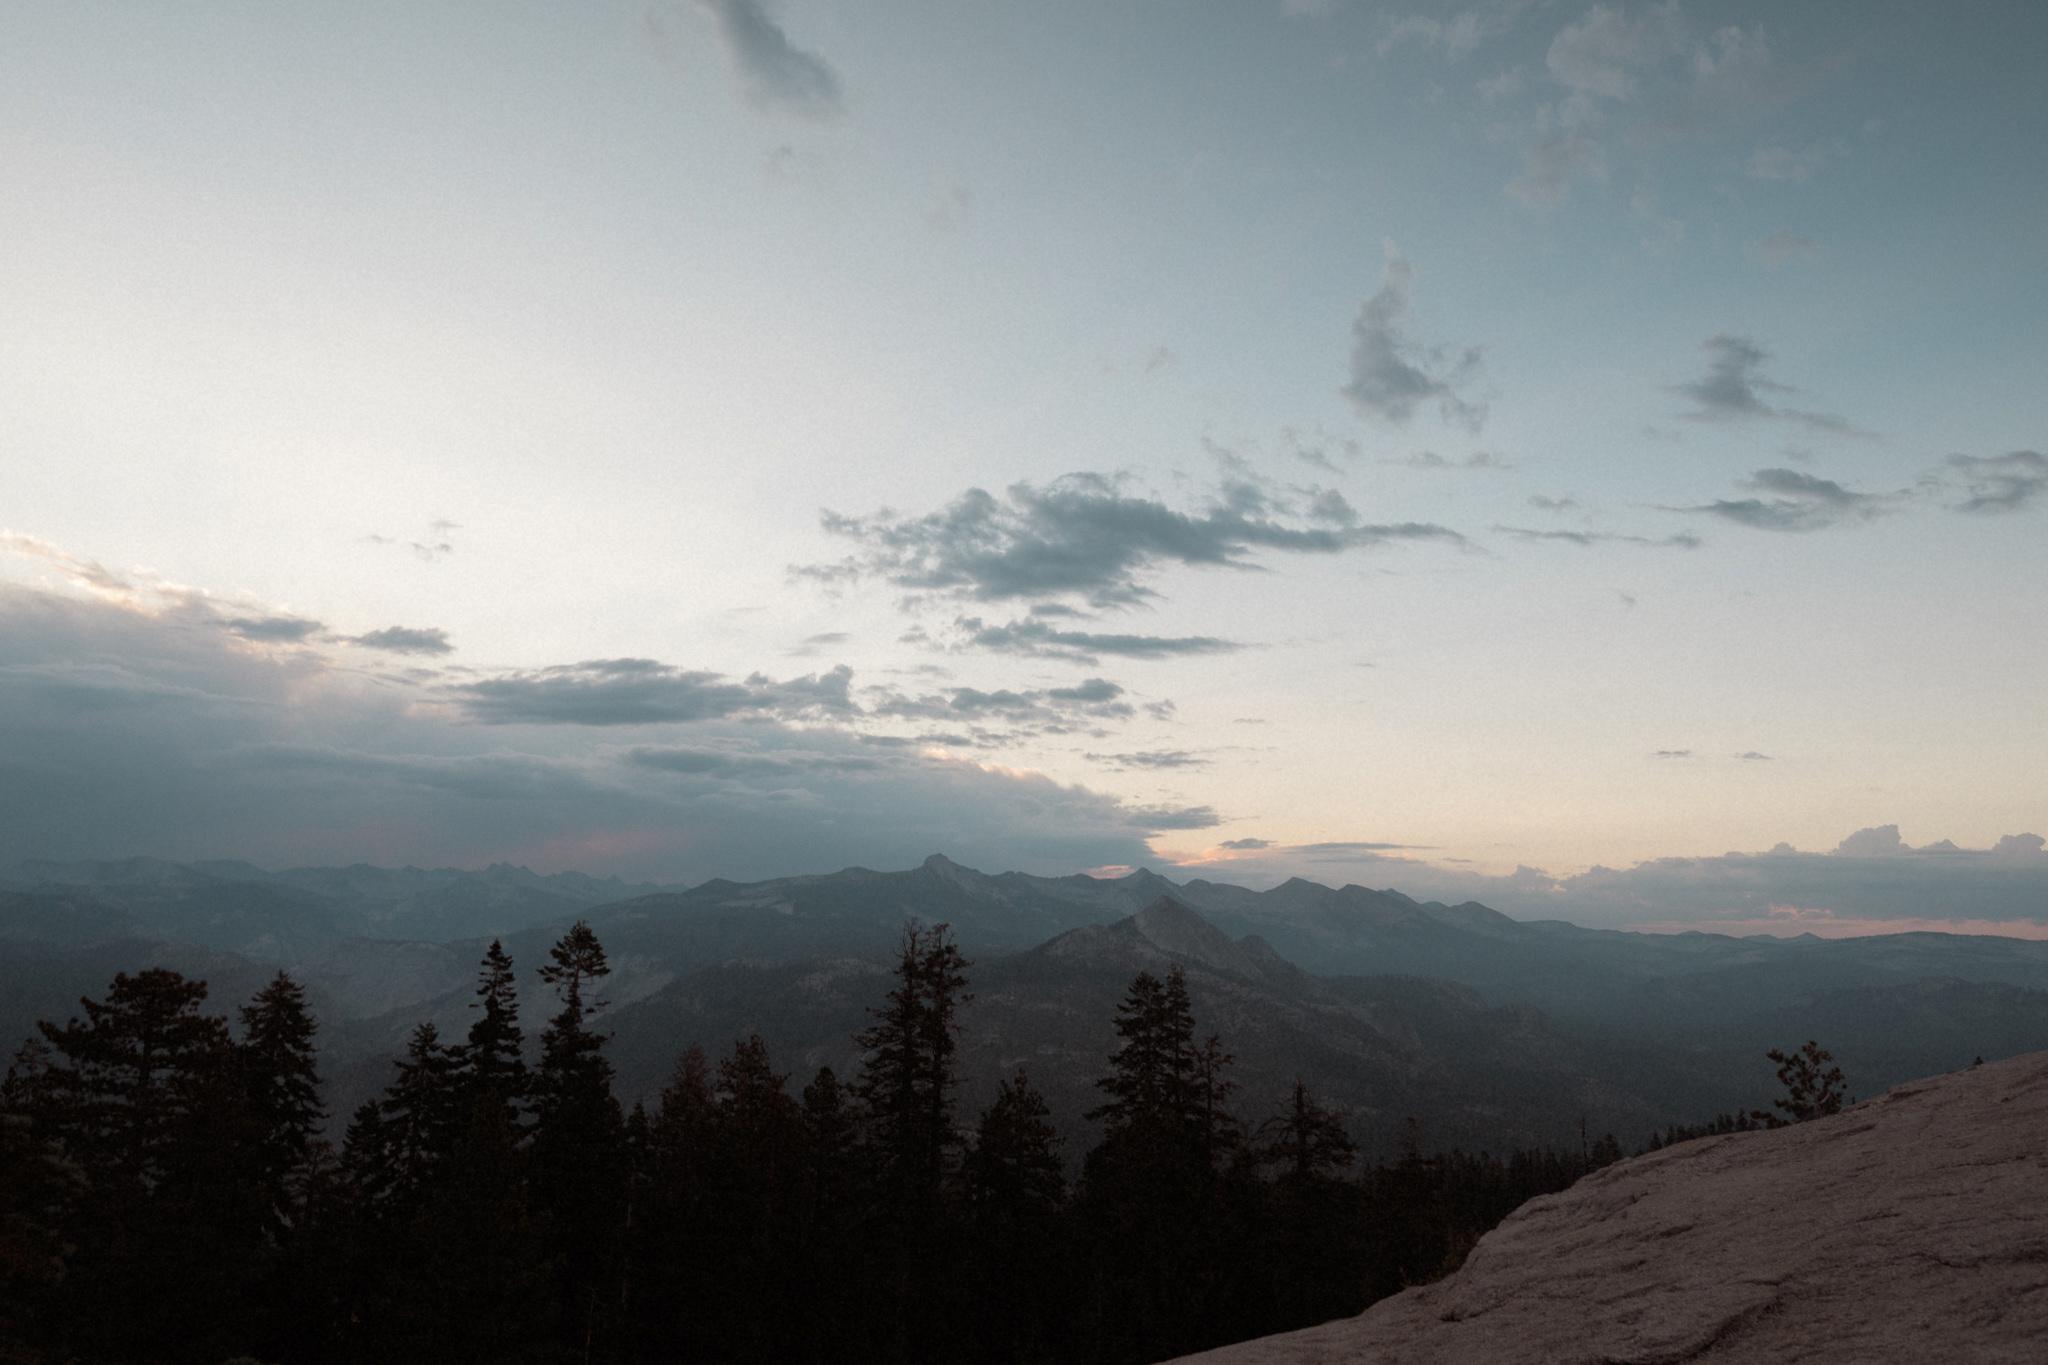 20160822_Yosemite_0327-Exposure.jpg